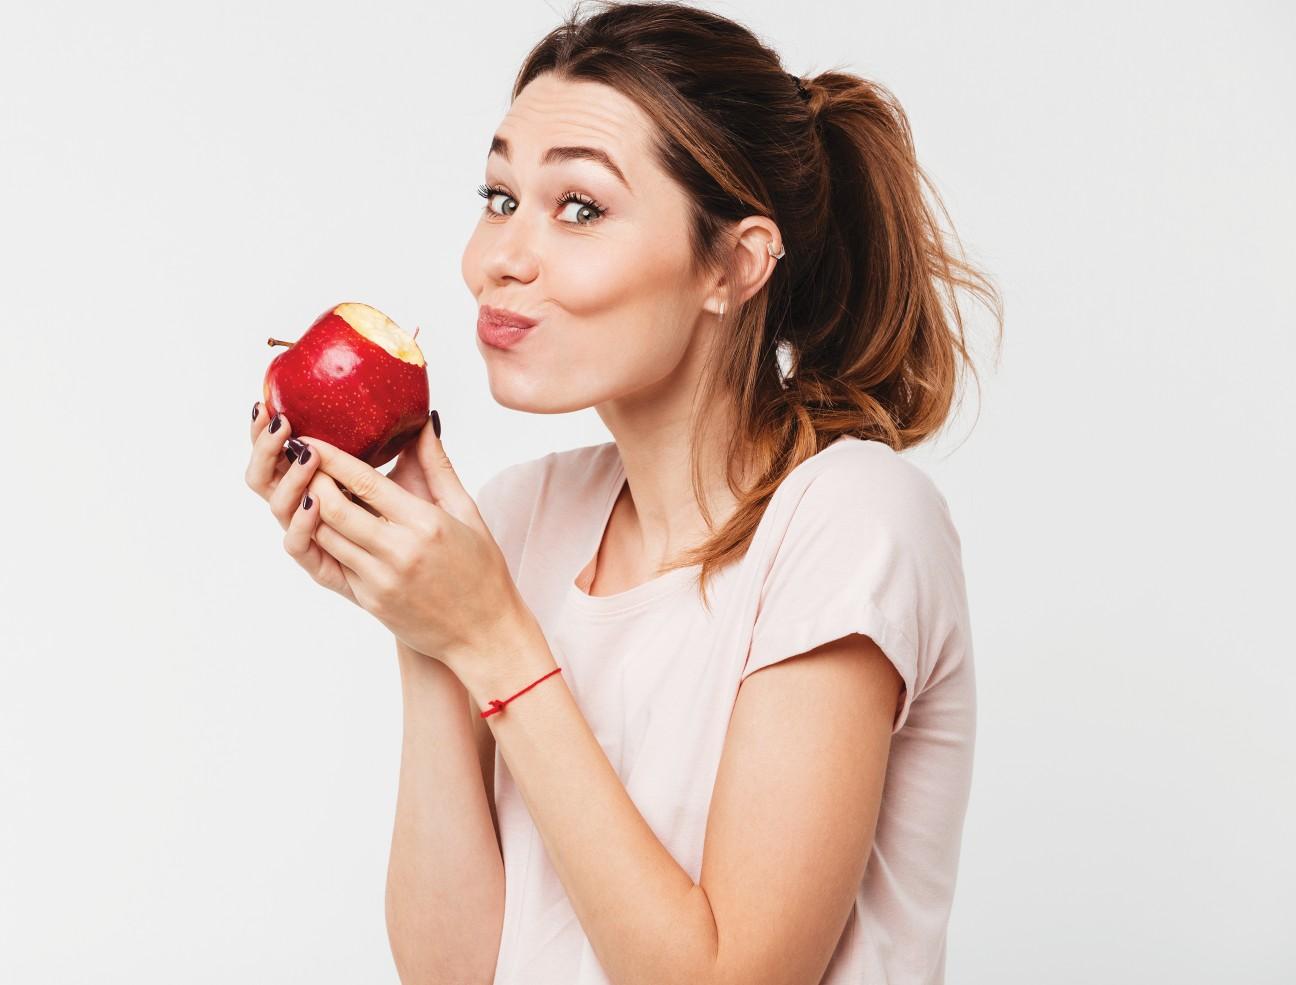 ЯБЛОКО: от яблони до символа успеха